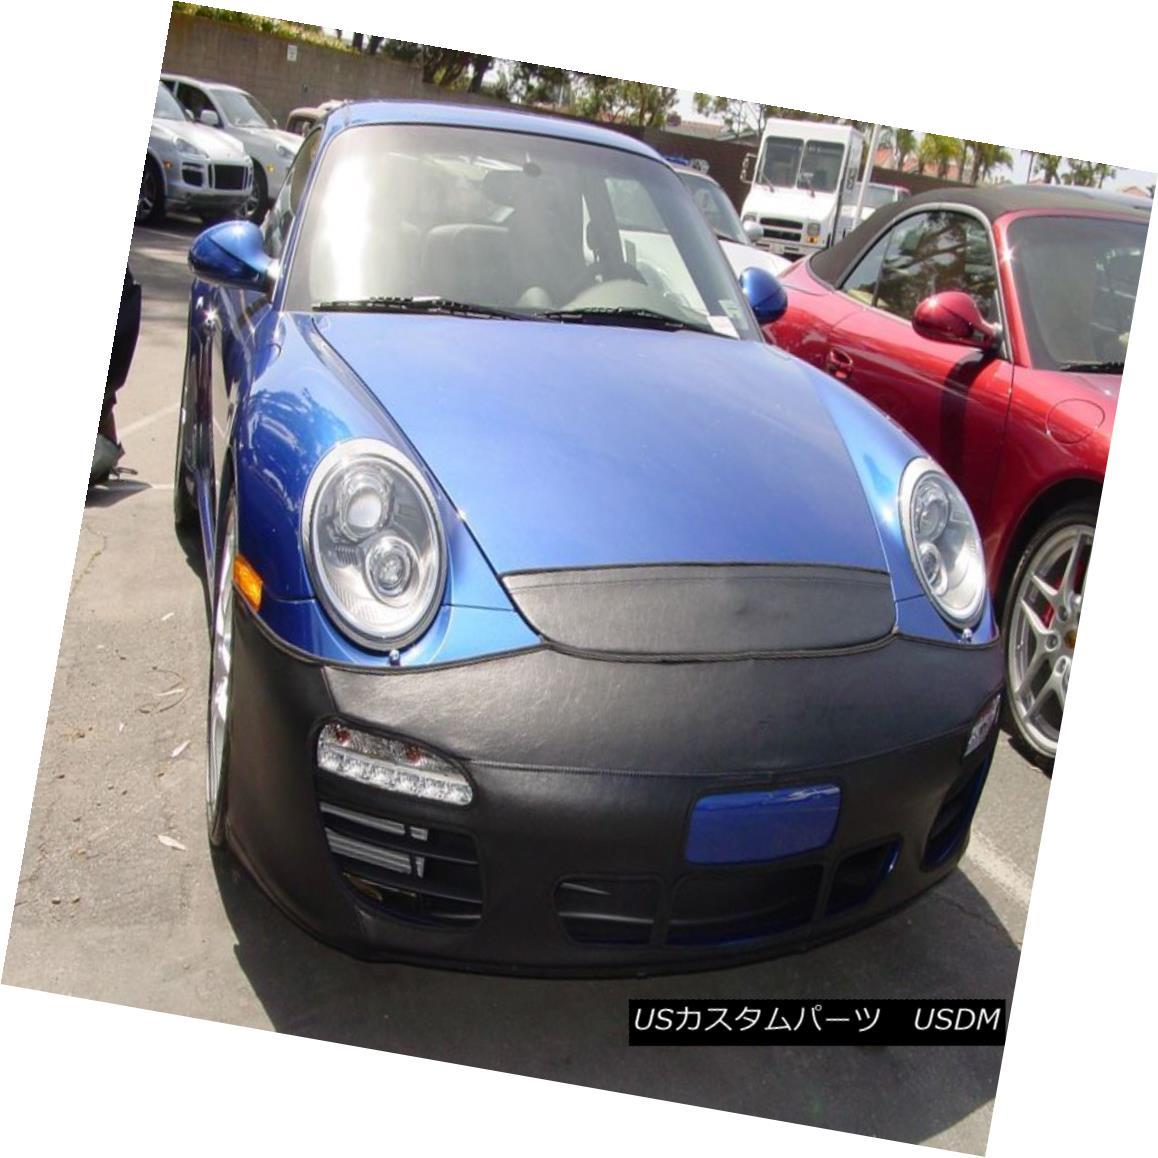 フルブラ ノーズブラ Colgan Front End Mask Bra 2pc. Fits Porsche 911 2009-2011 W/License Plate  コルガンフロントエンドマスクブラ2pc ポルシェ911 2009-2011 W /ナンバープレートに適合